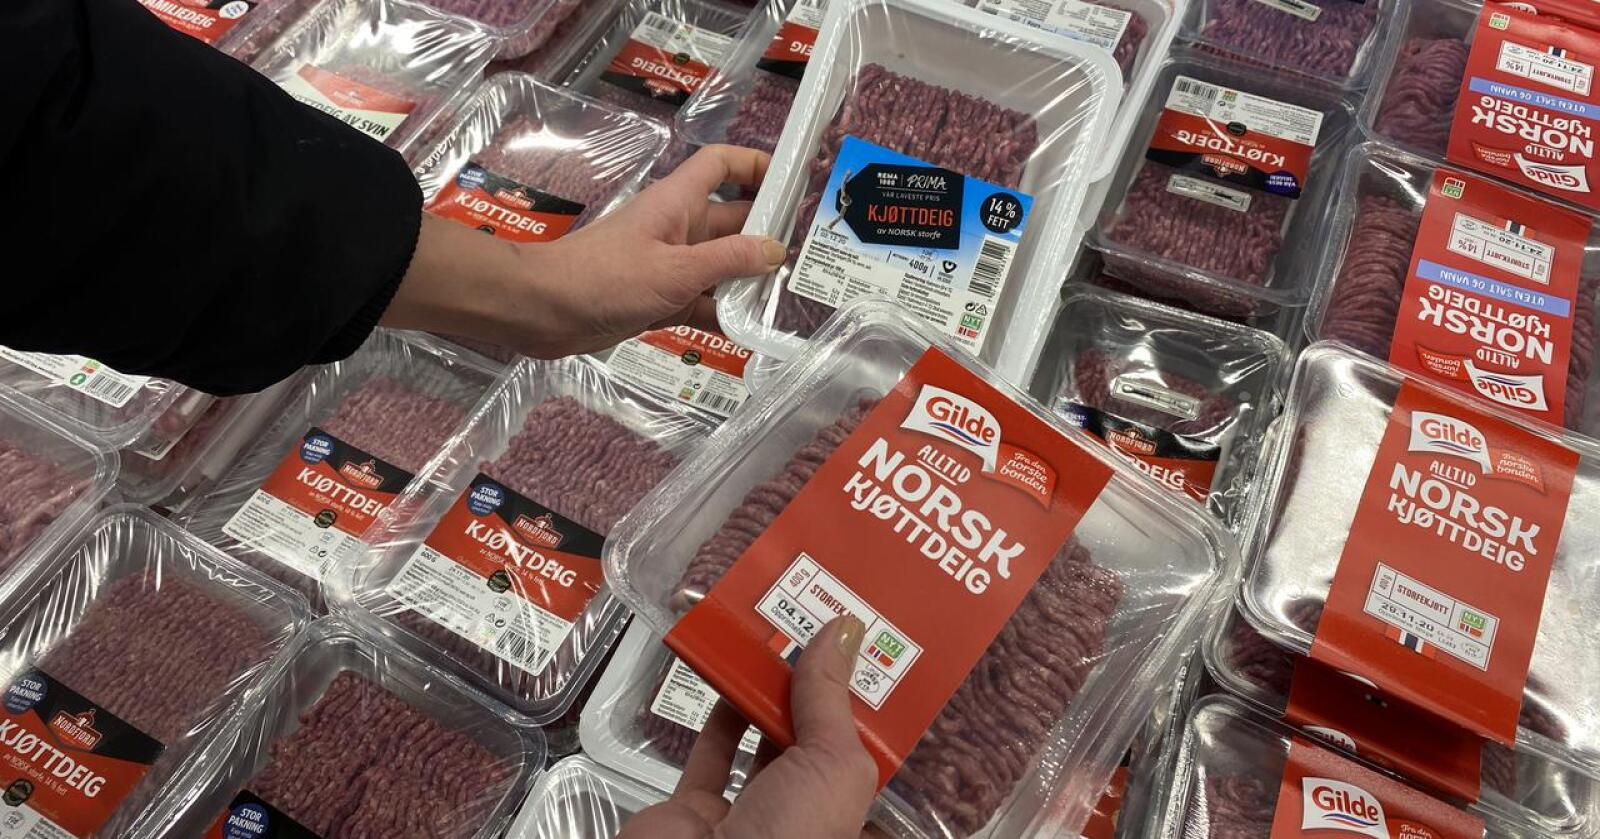 Merking: Spørsmålet om Norge skal innføre flere egne og strengere regler for matmerking, splitter Stortinget. (Foto. Iver Gamme)